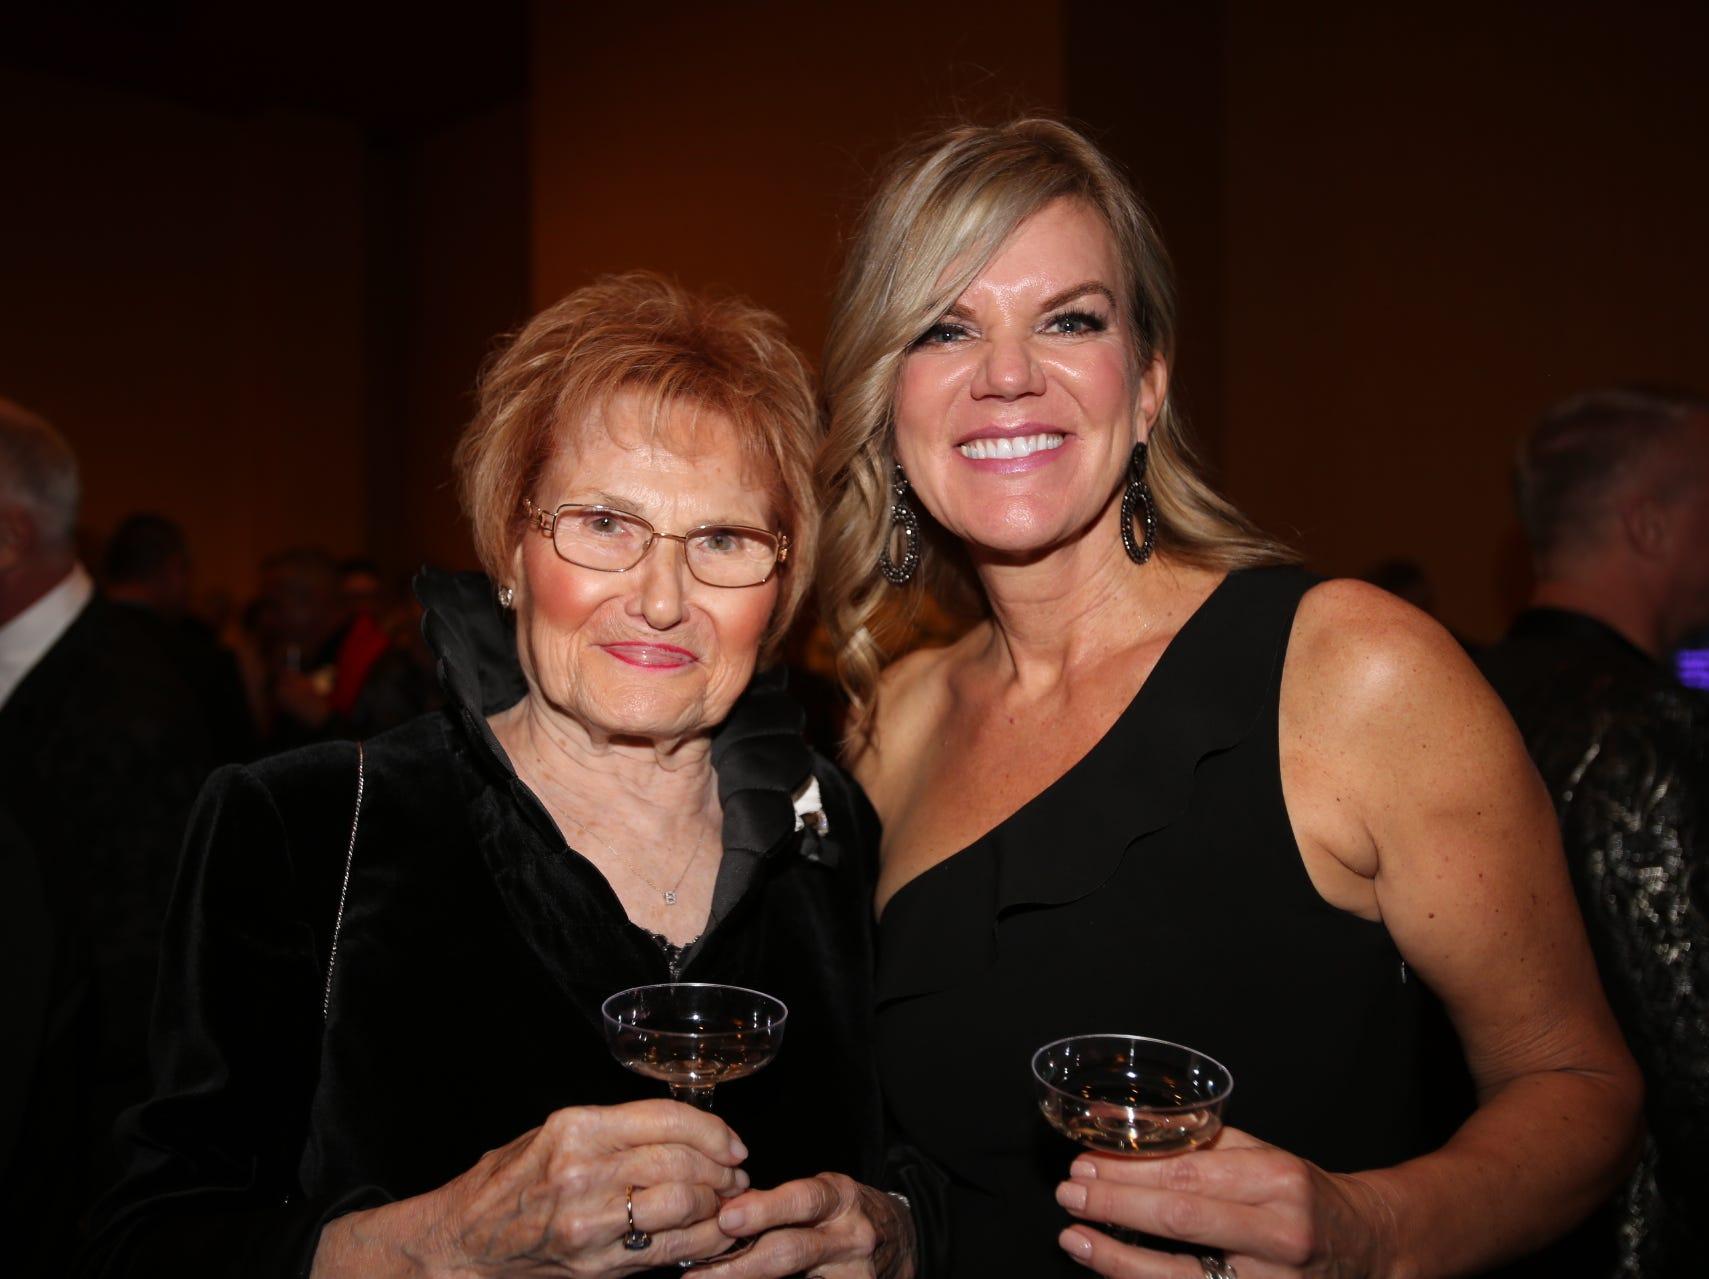 Patty Brooks and Jill Layman